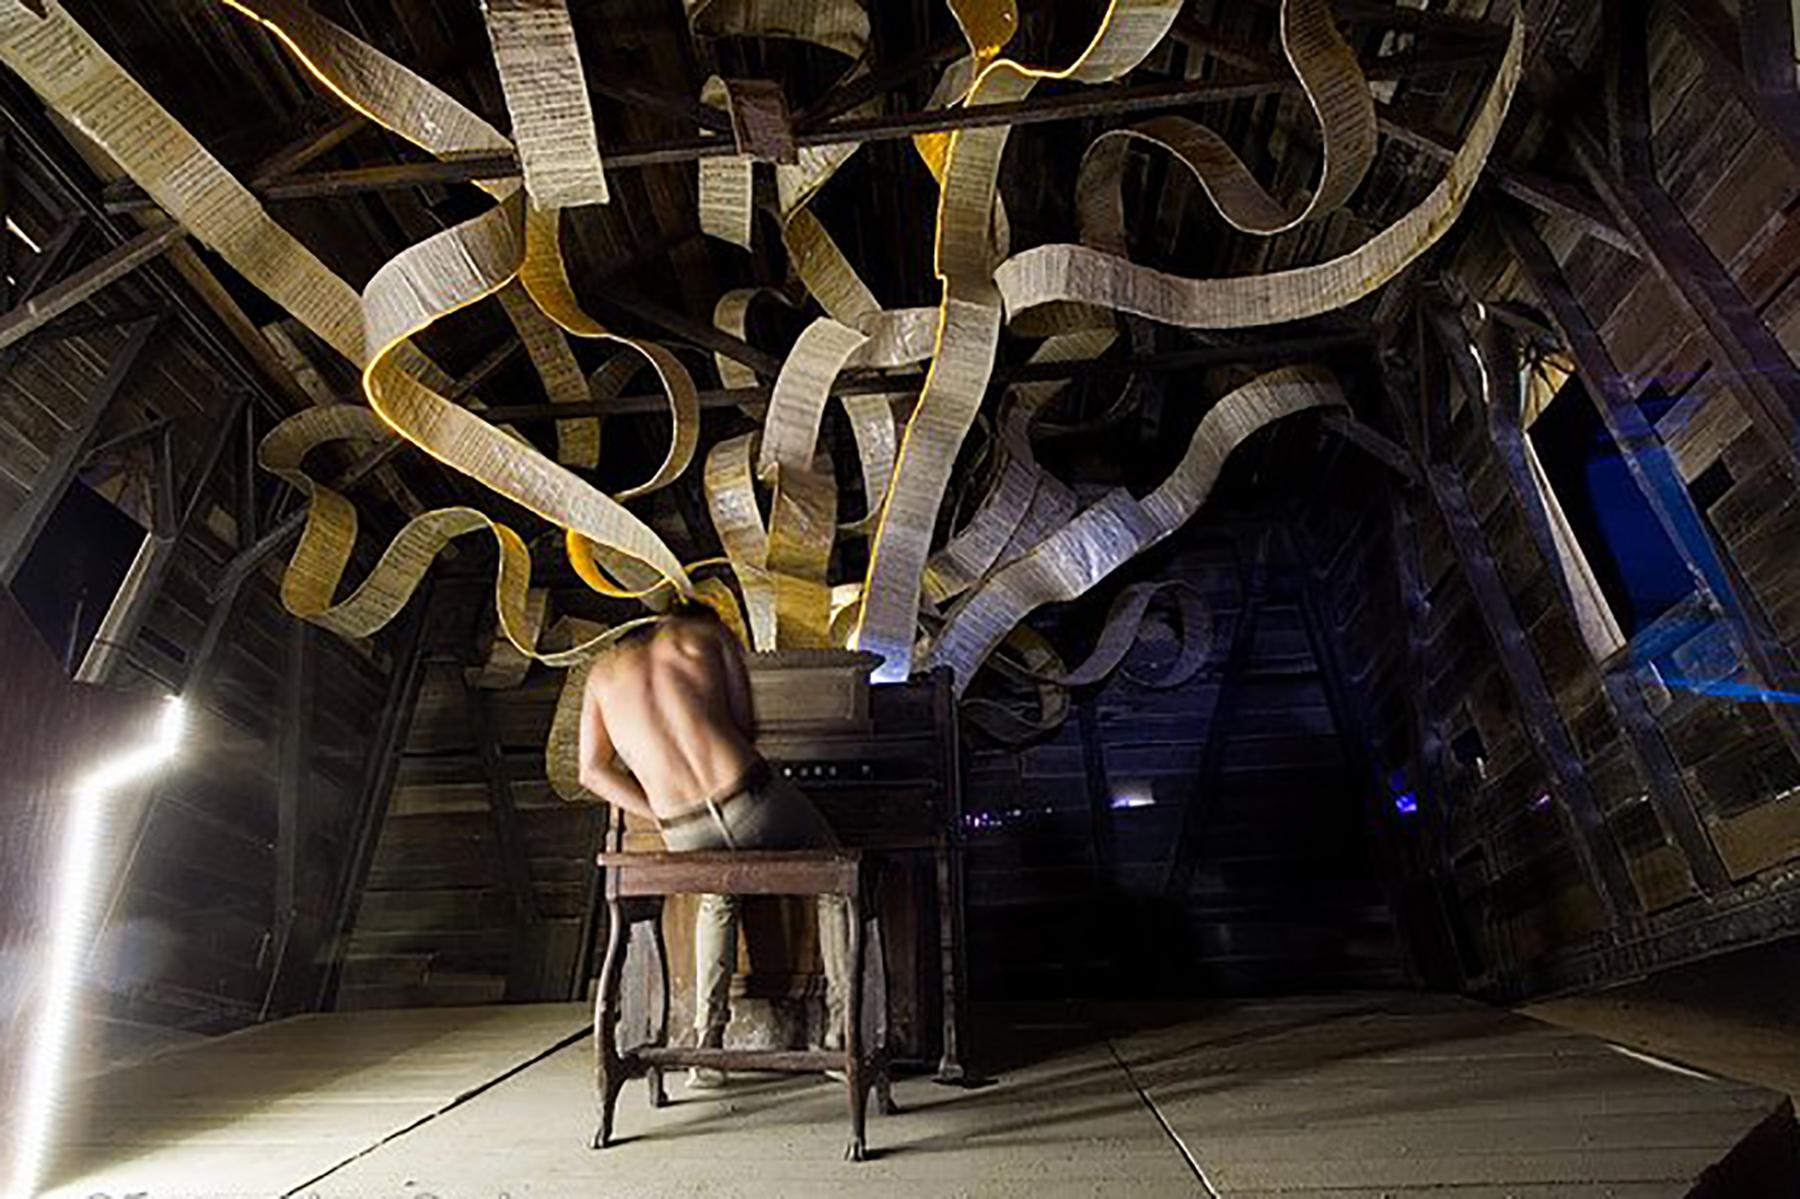 man playing organ.jpg